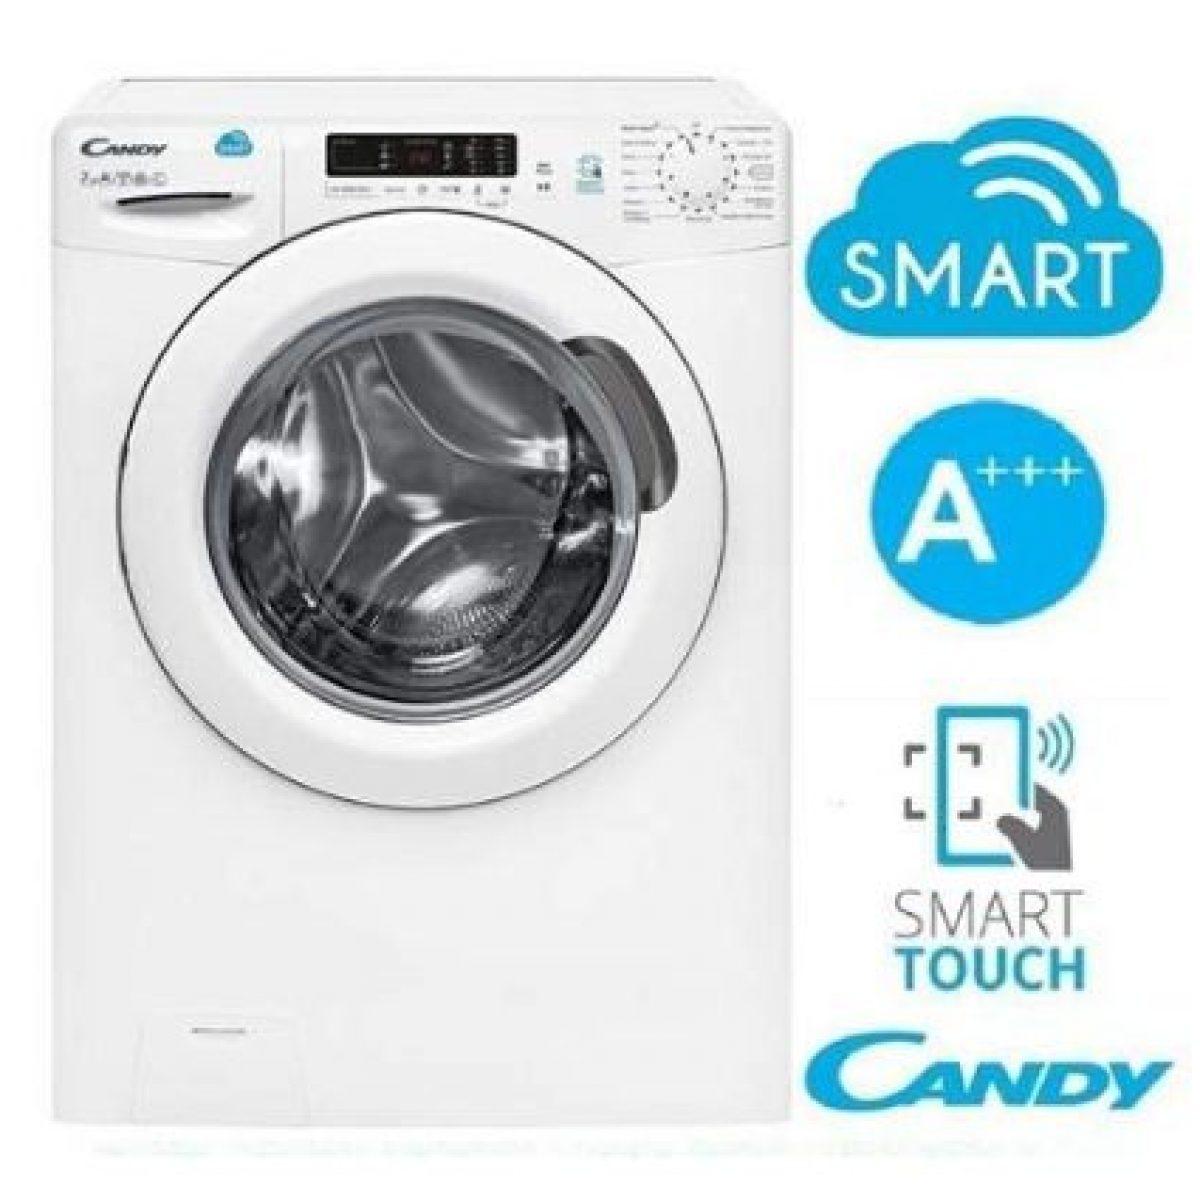 Beko È Una Sottomarca migliori lavatrici: classifica aggiornata 2020, offerte e